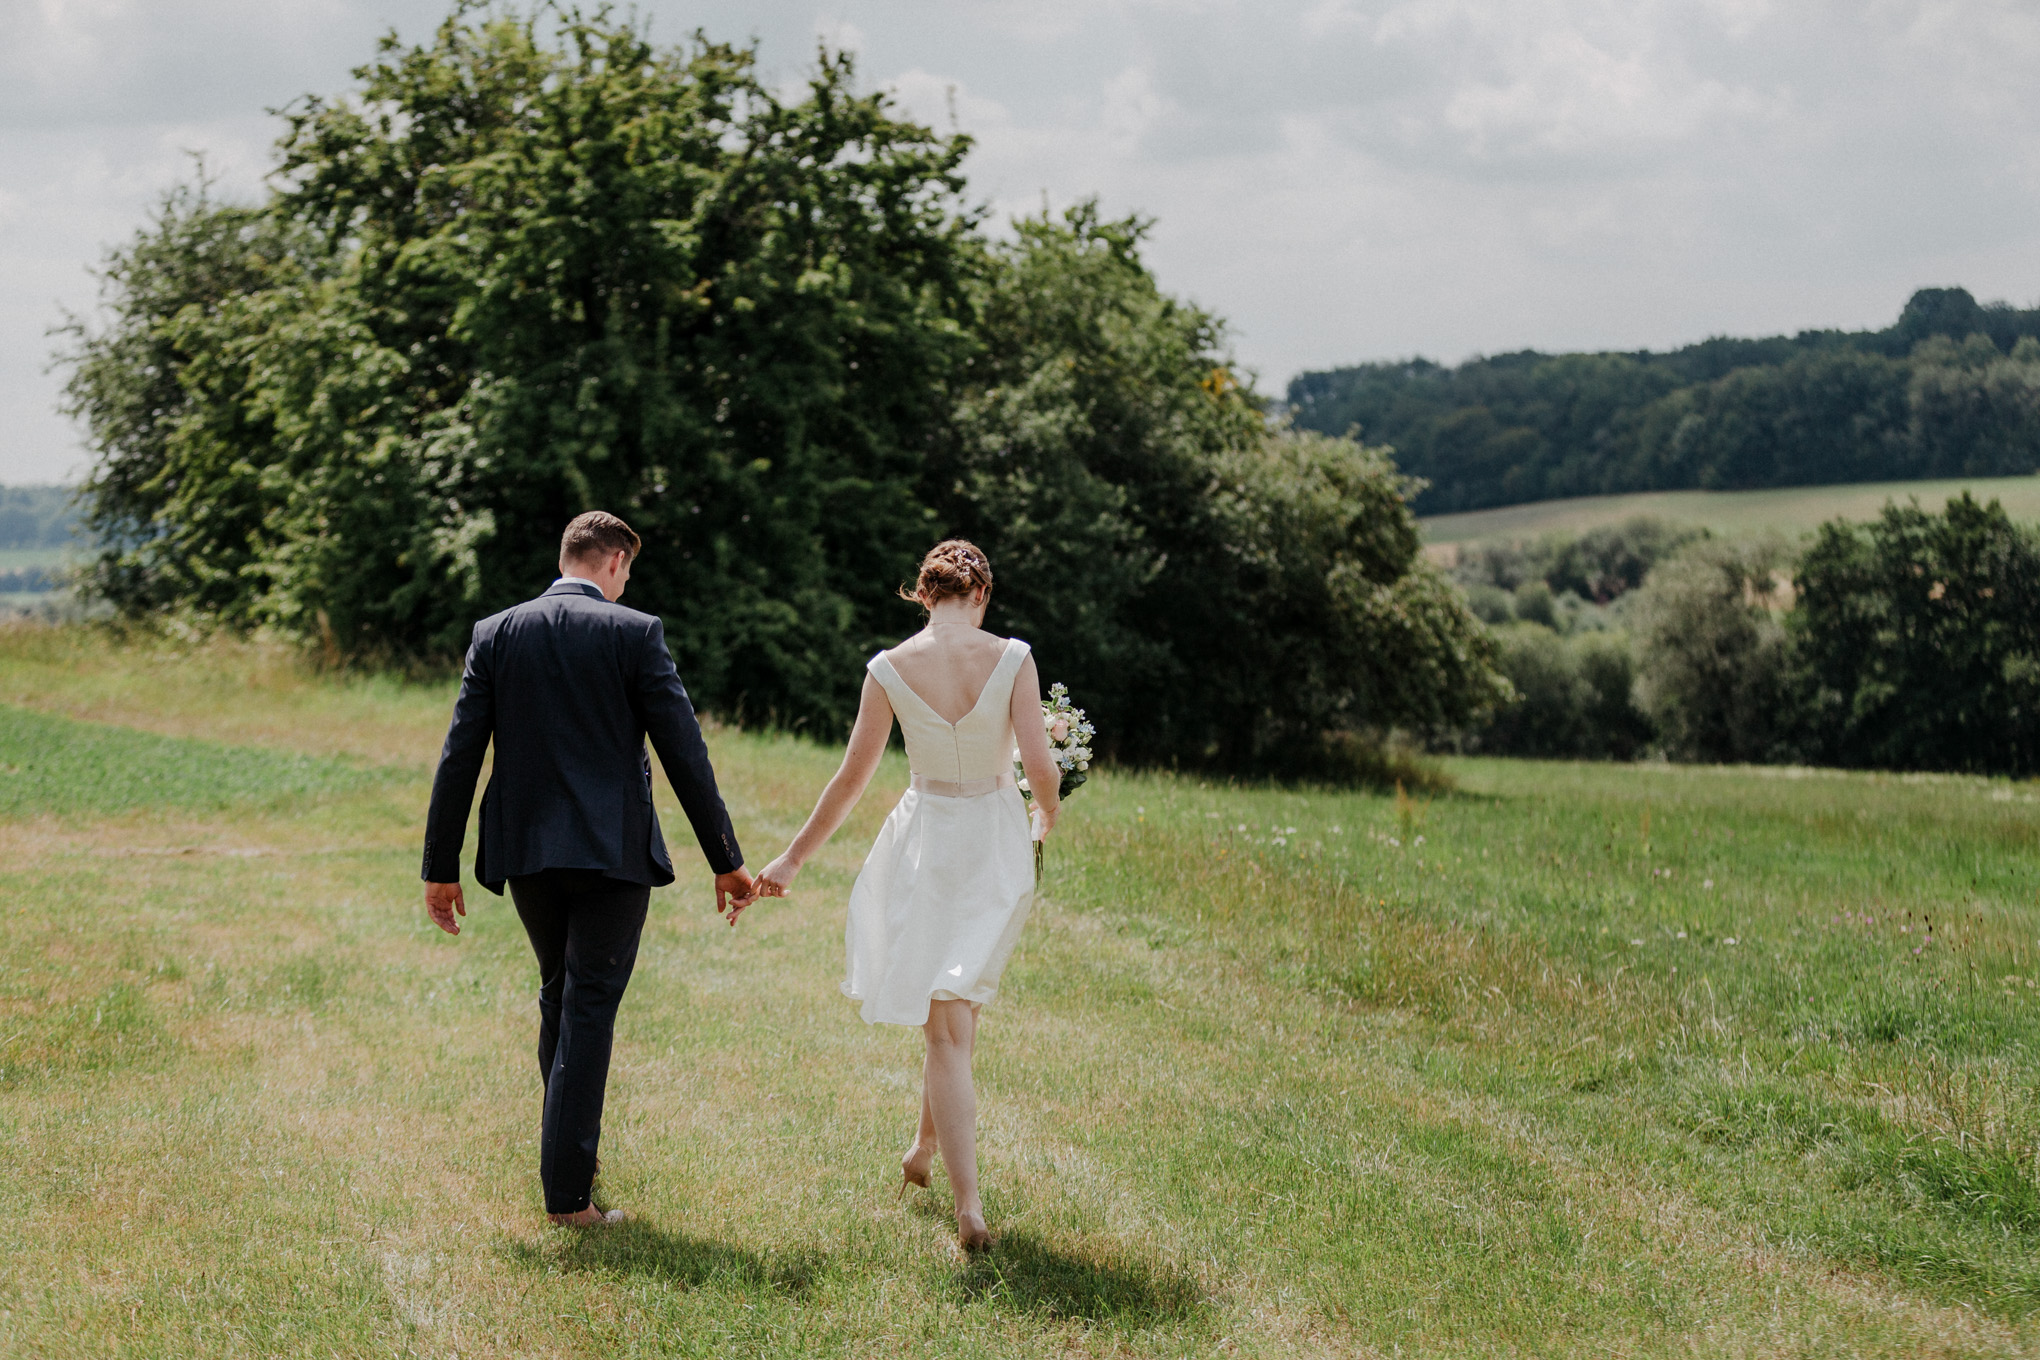 Brautpaar hand in Hand auf Feld